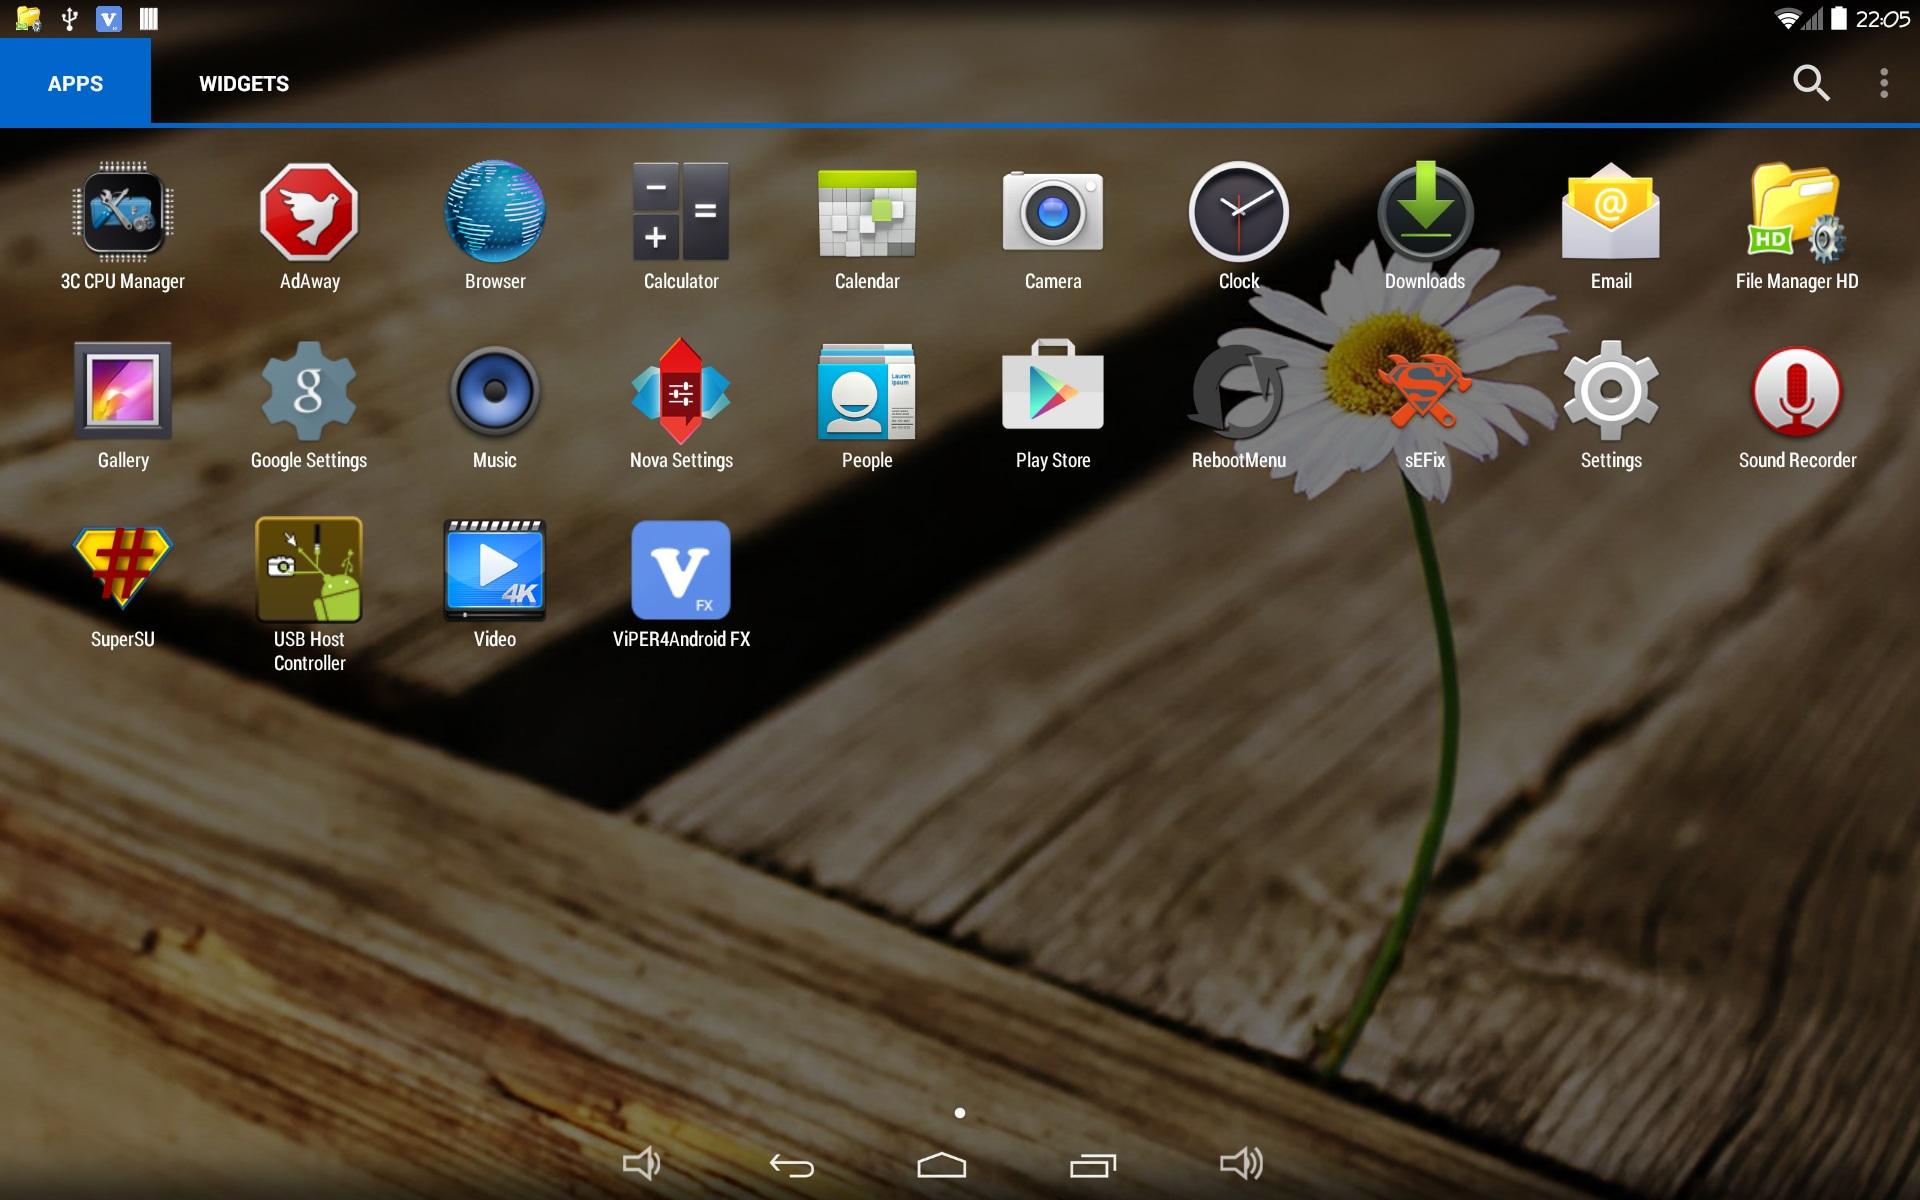 v1.0_apps-2.jpg